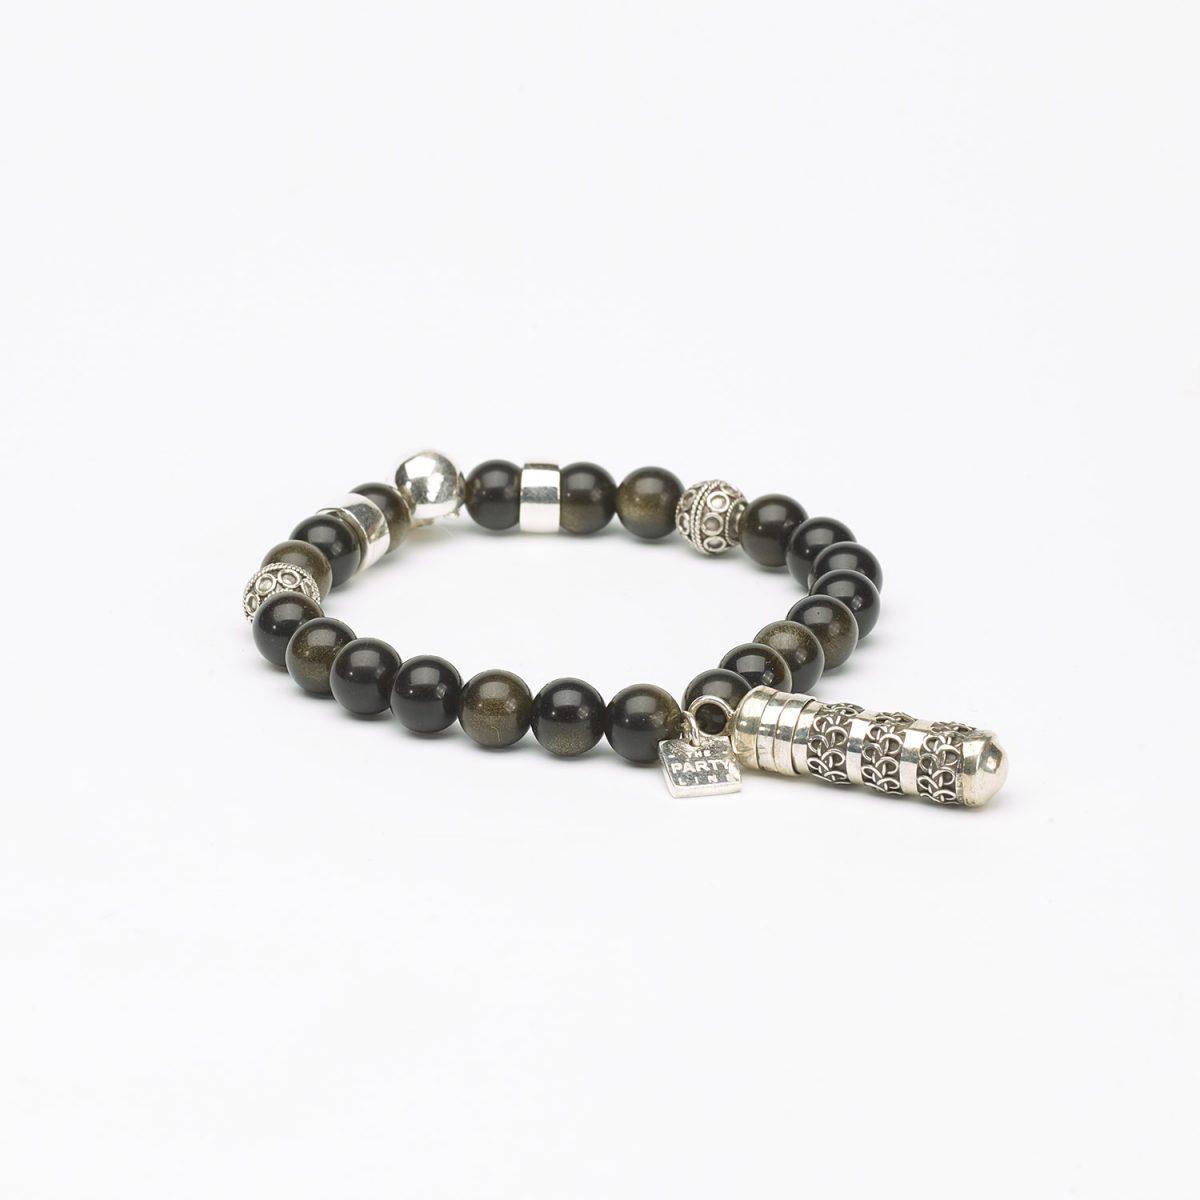 Bracelet bouddhiste perles d'obsidienne et argent 925 Perle de Jade